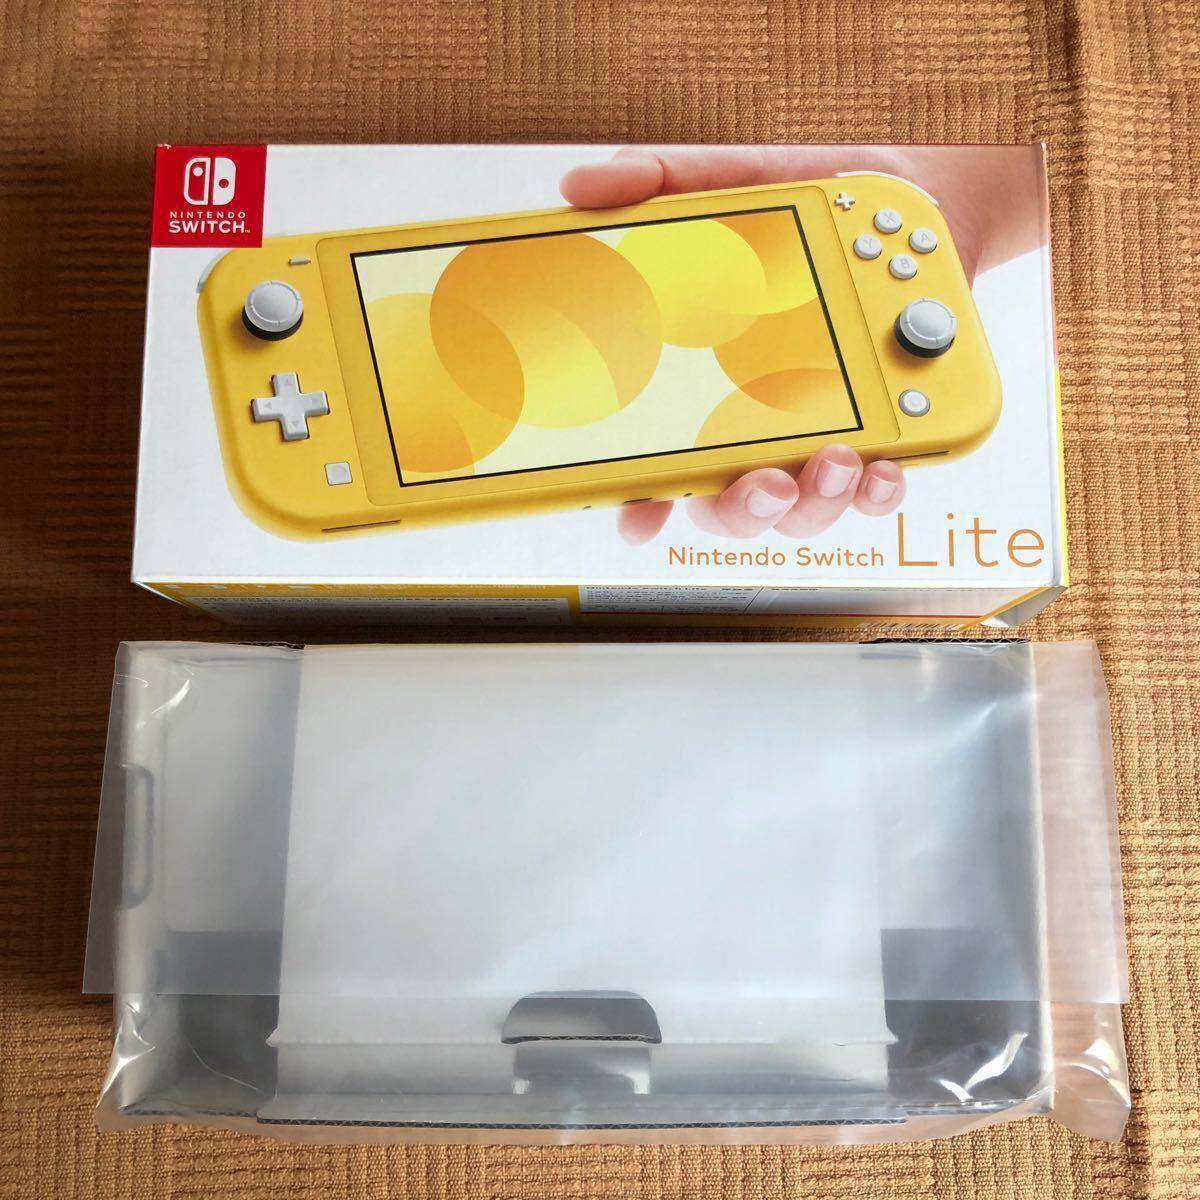 任天堂 Nintendo Switch Lite イエロー ハードポーチカバー付